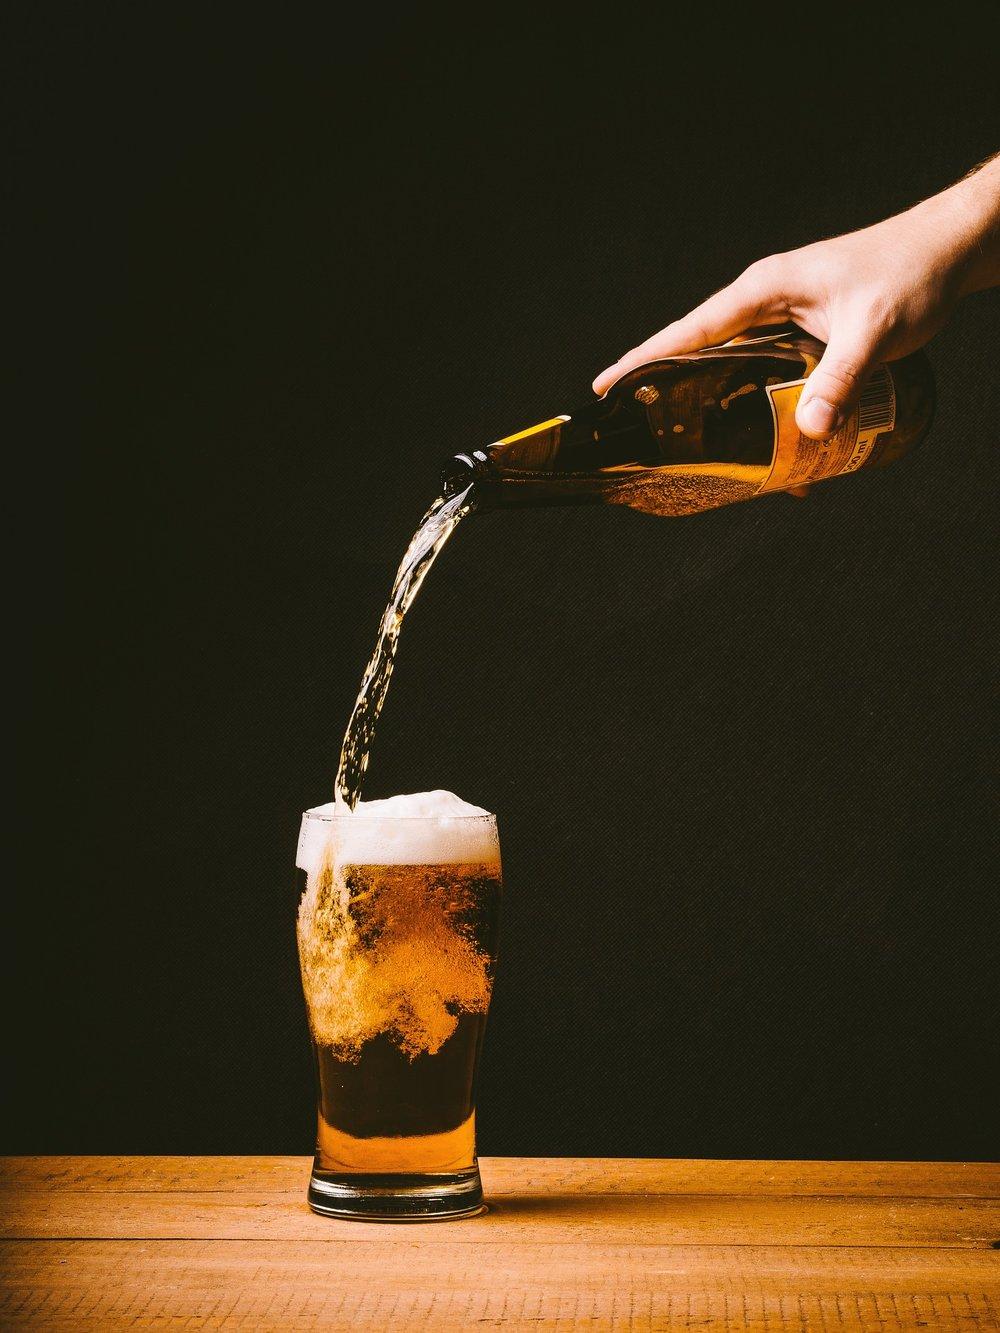 """Para o primeiro Harmoniza aí: Food and Beer Experien, o tema será """"Introdução às cervejas artesanais e técnicas de harmonização"""" (Foto: Divulgação)"""